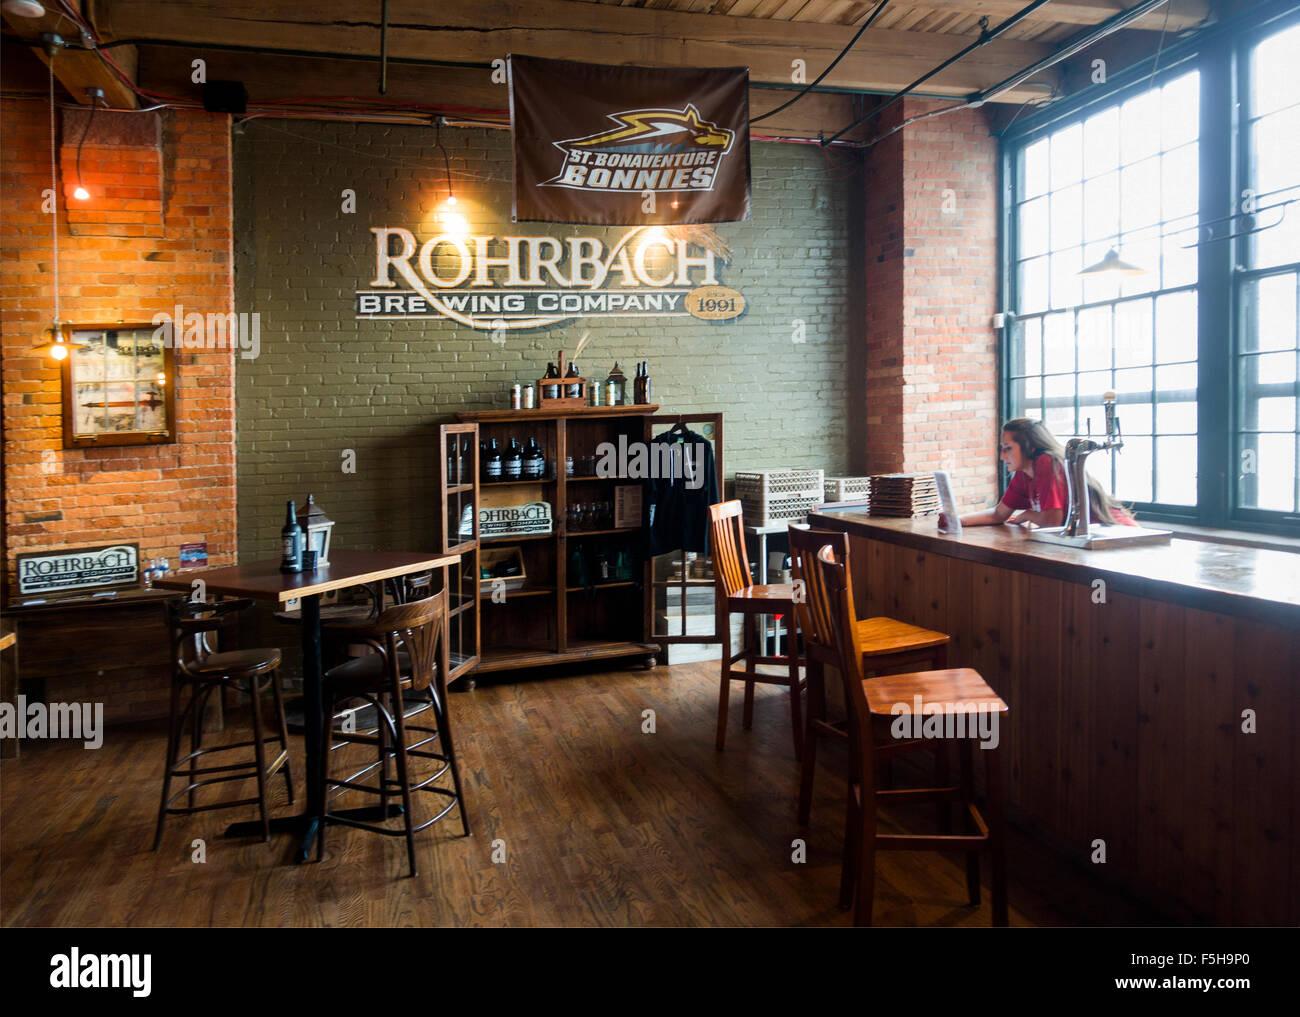 Rohrbach Brewing Company Rochester NY